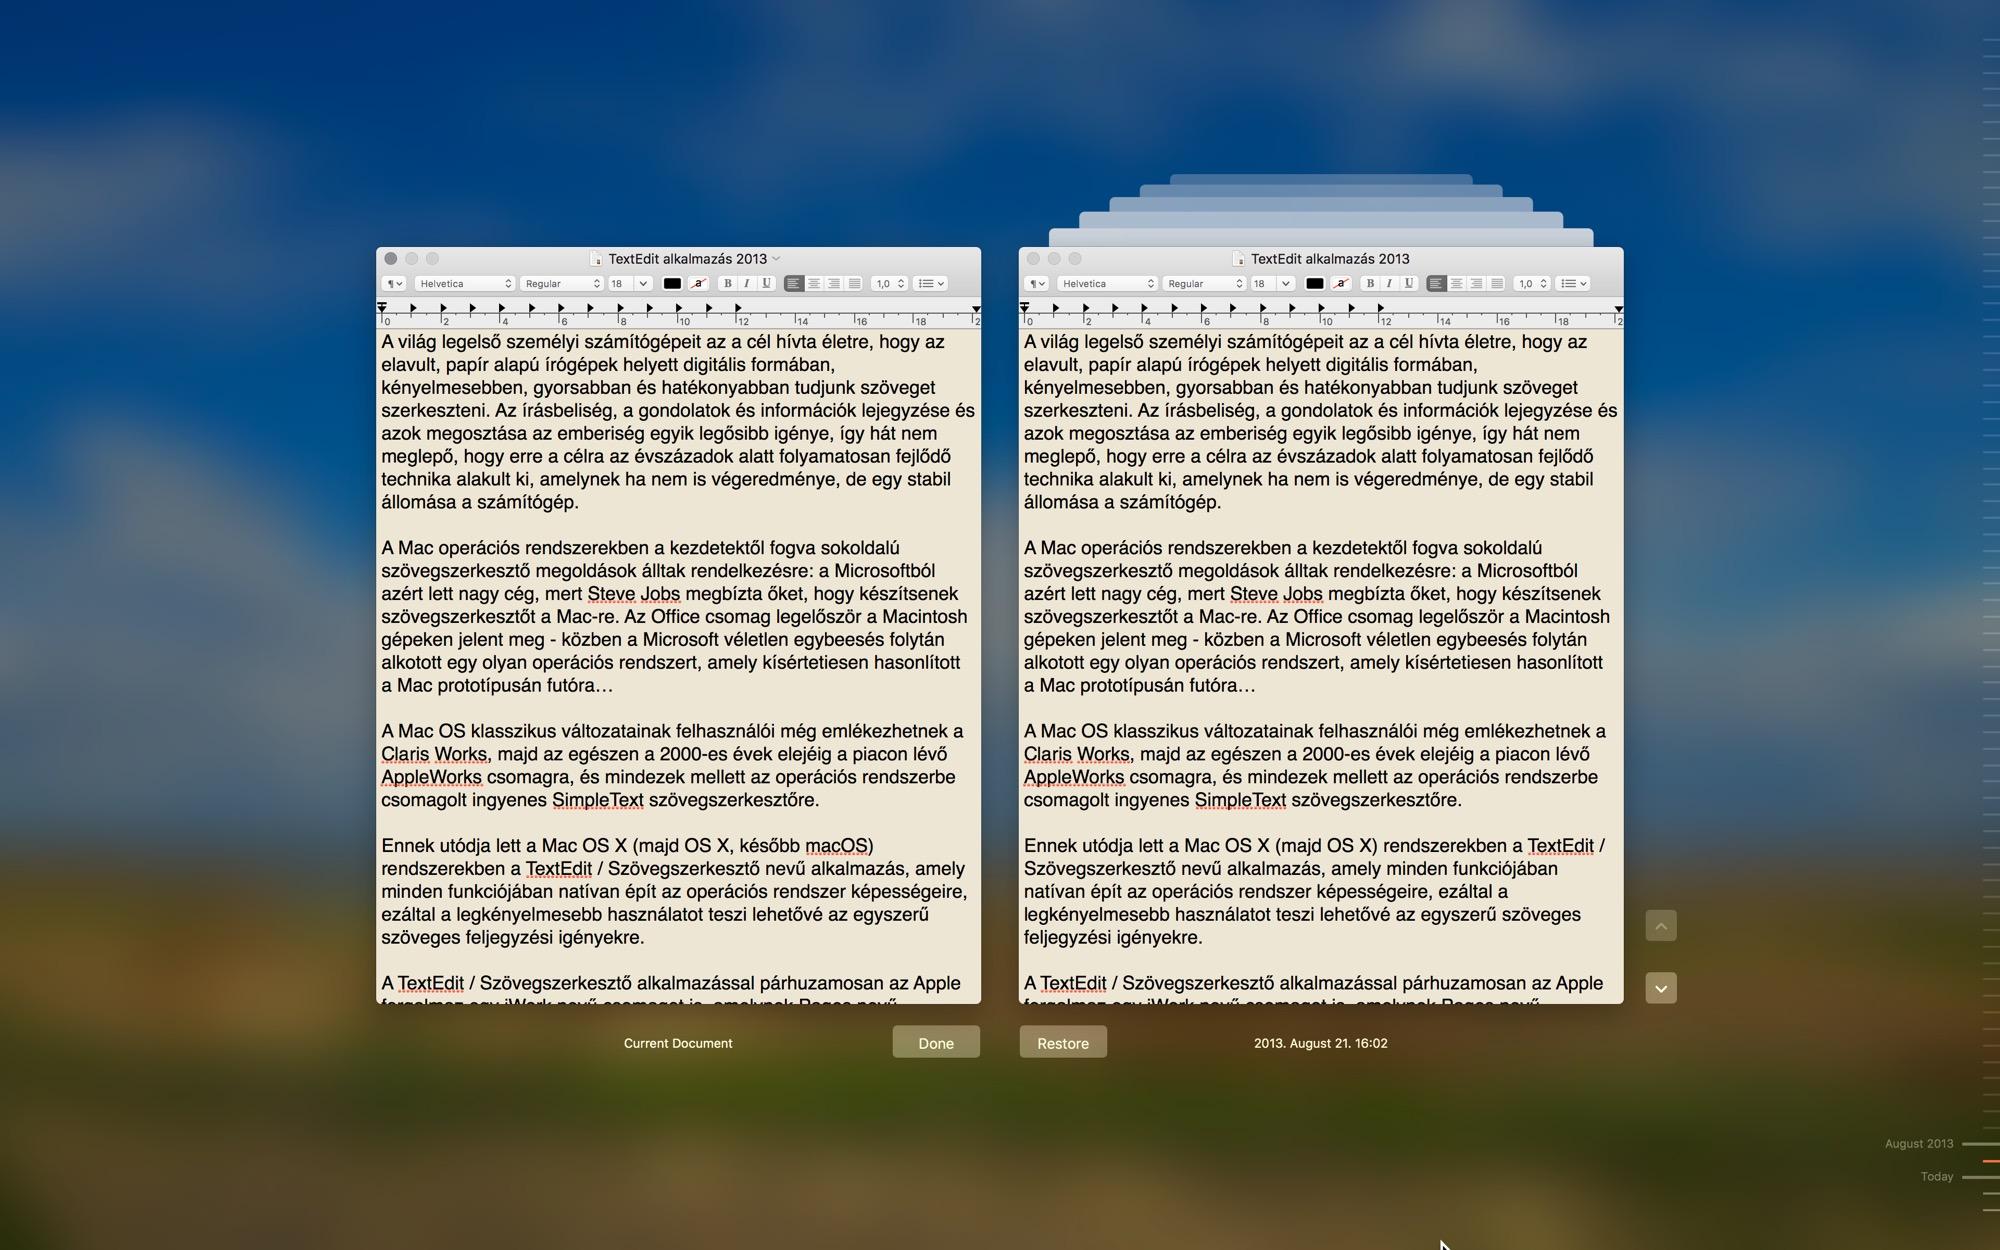 TextEdit szövegszerkesztő alkalmazás a macOS rendszerben